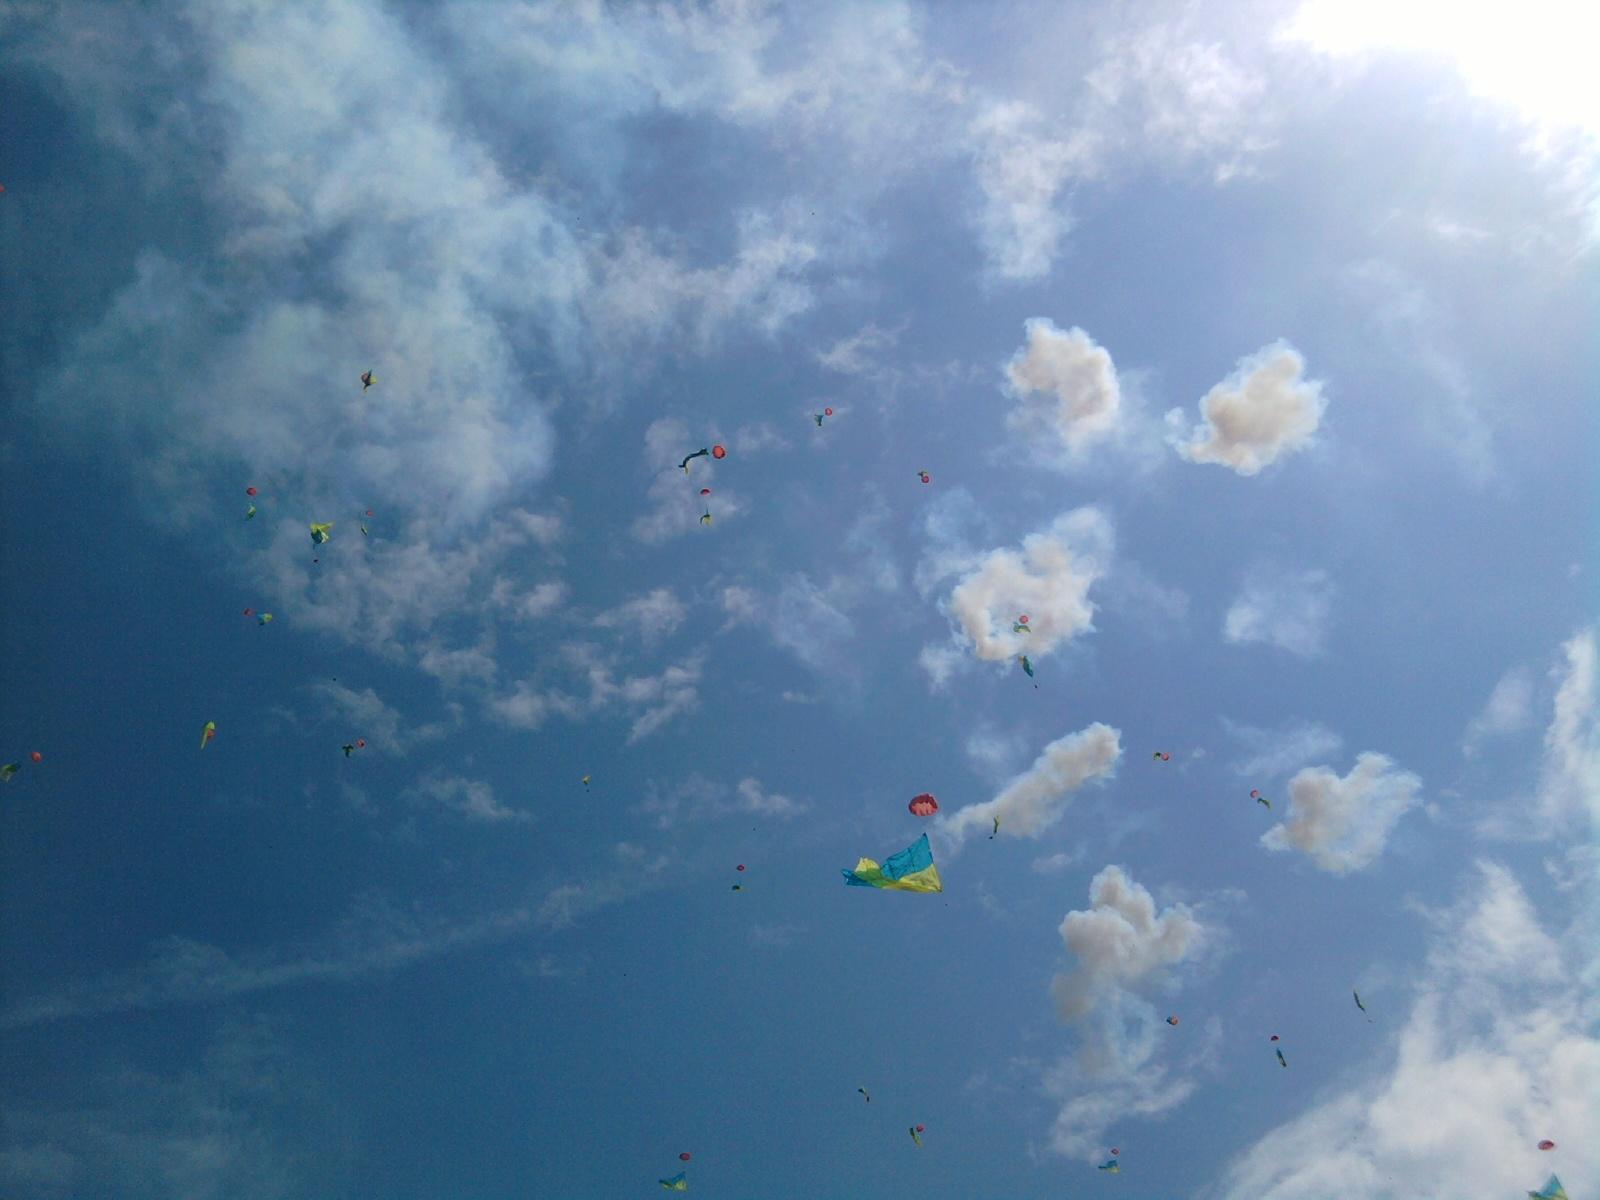 Харьков - Бомбят небо и в воздух выпадают флаги Украины на парашютиках